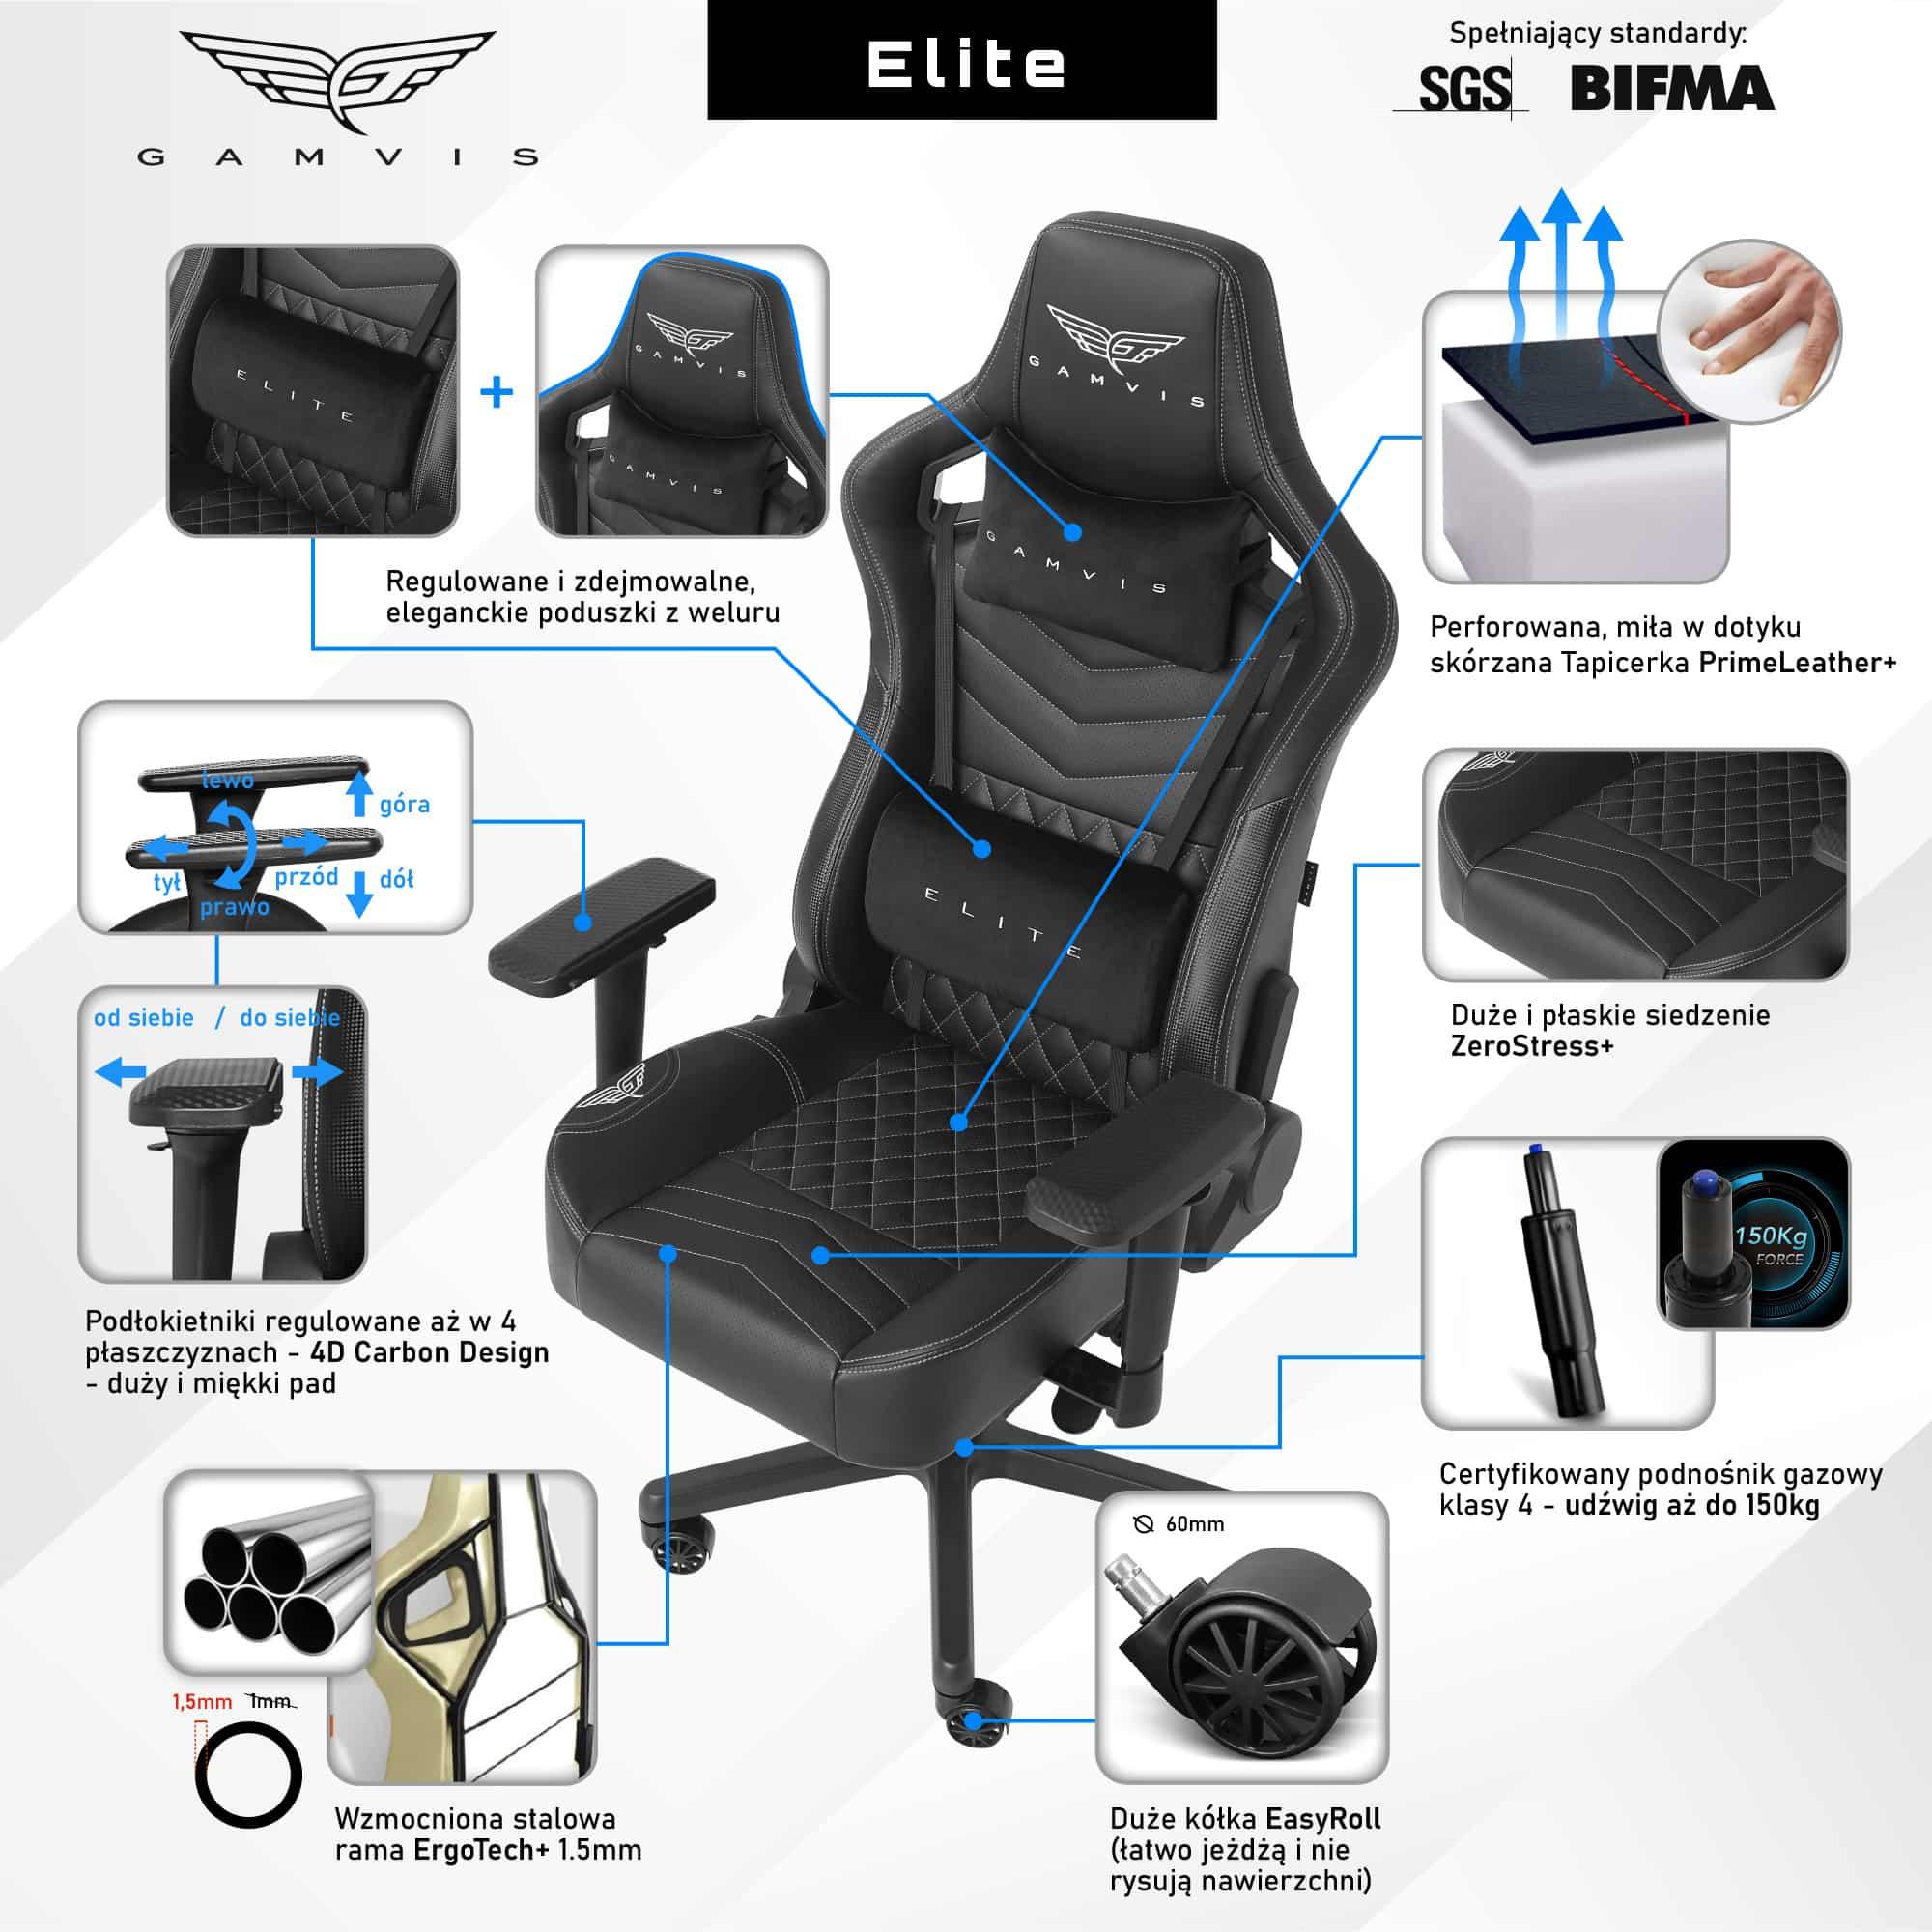 Fotel Gamingowy Gamvis ELITE 2.0 Czarny Pikowany XL